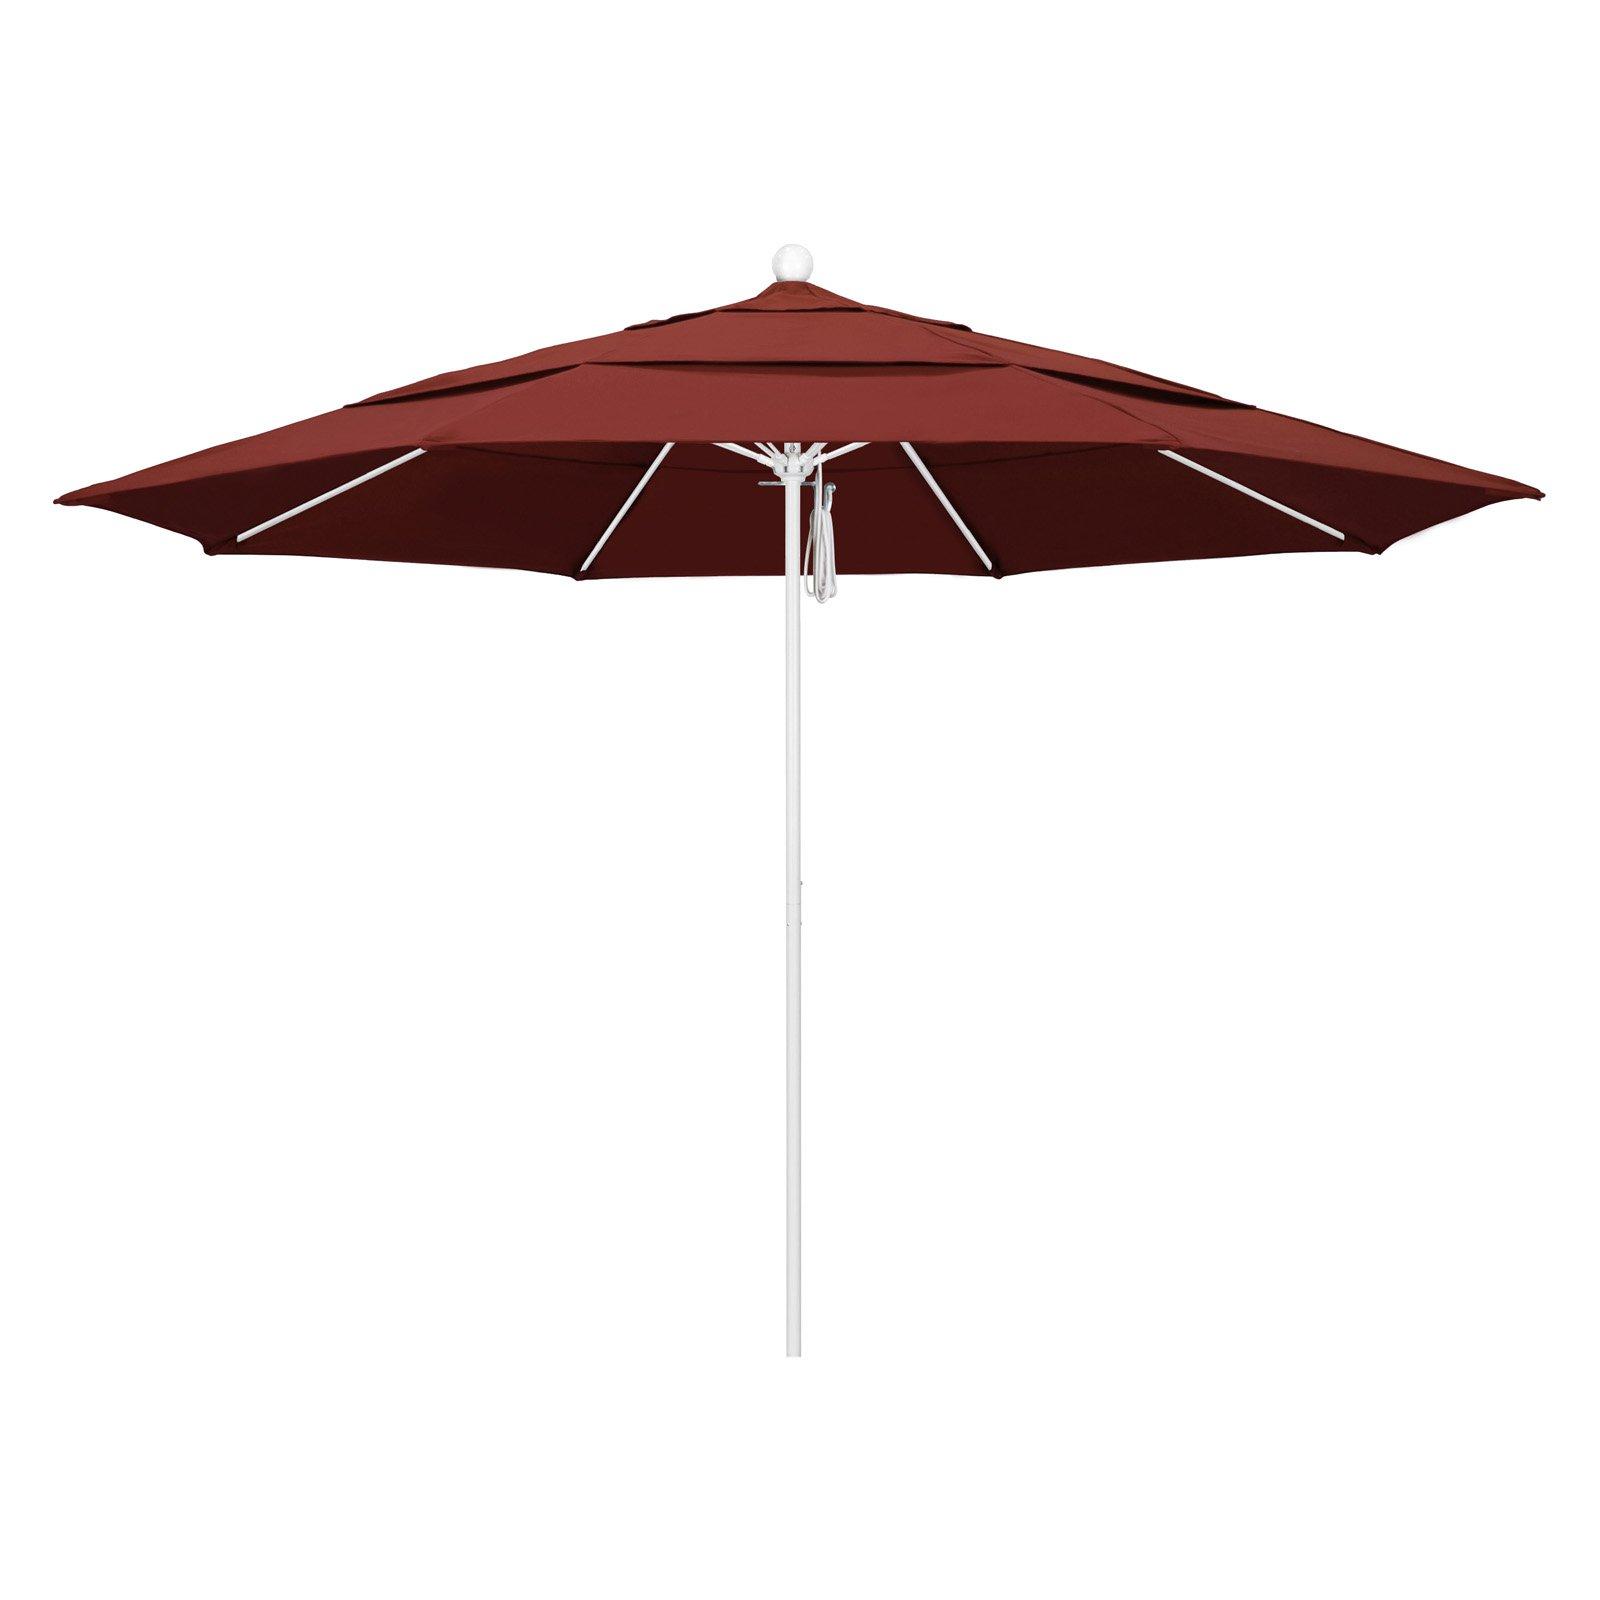 California Umbrella 11 Ft Sunbrella Fiberglass Double Vent Market